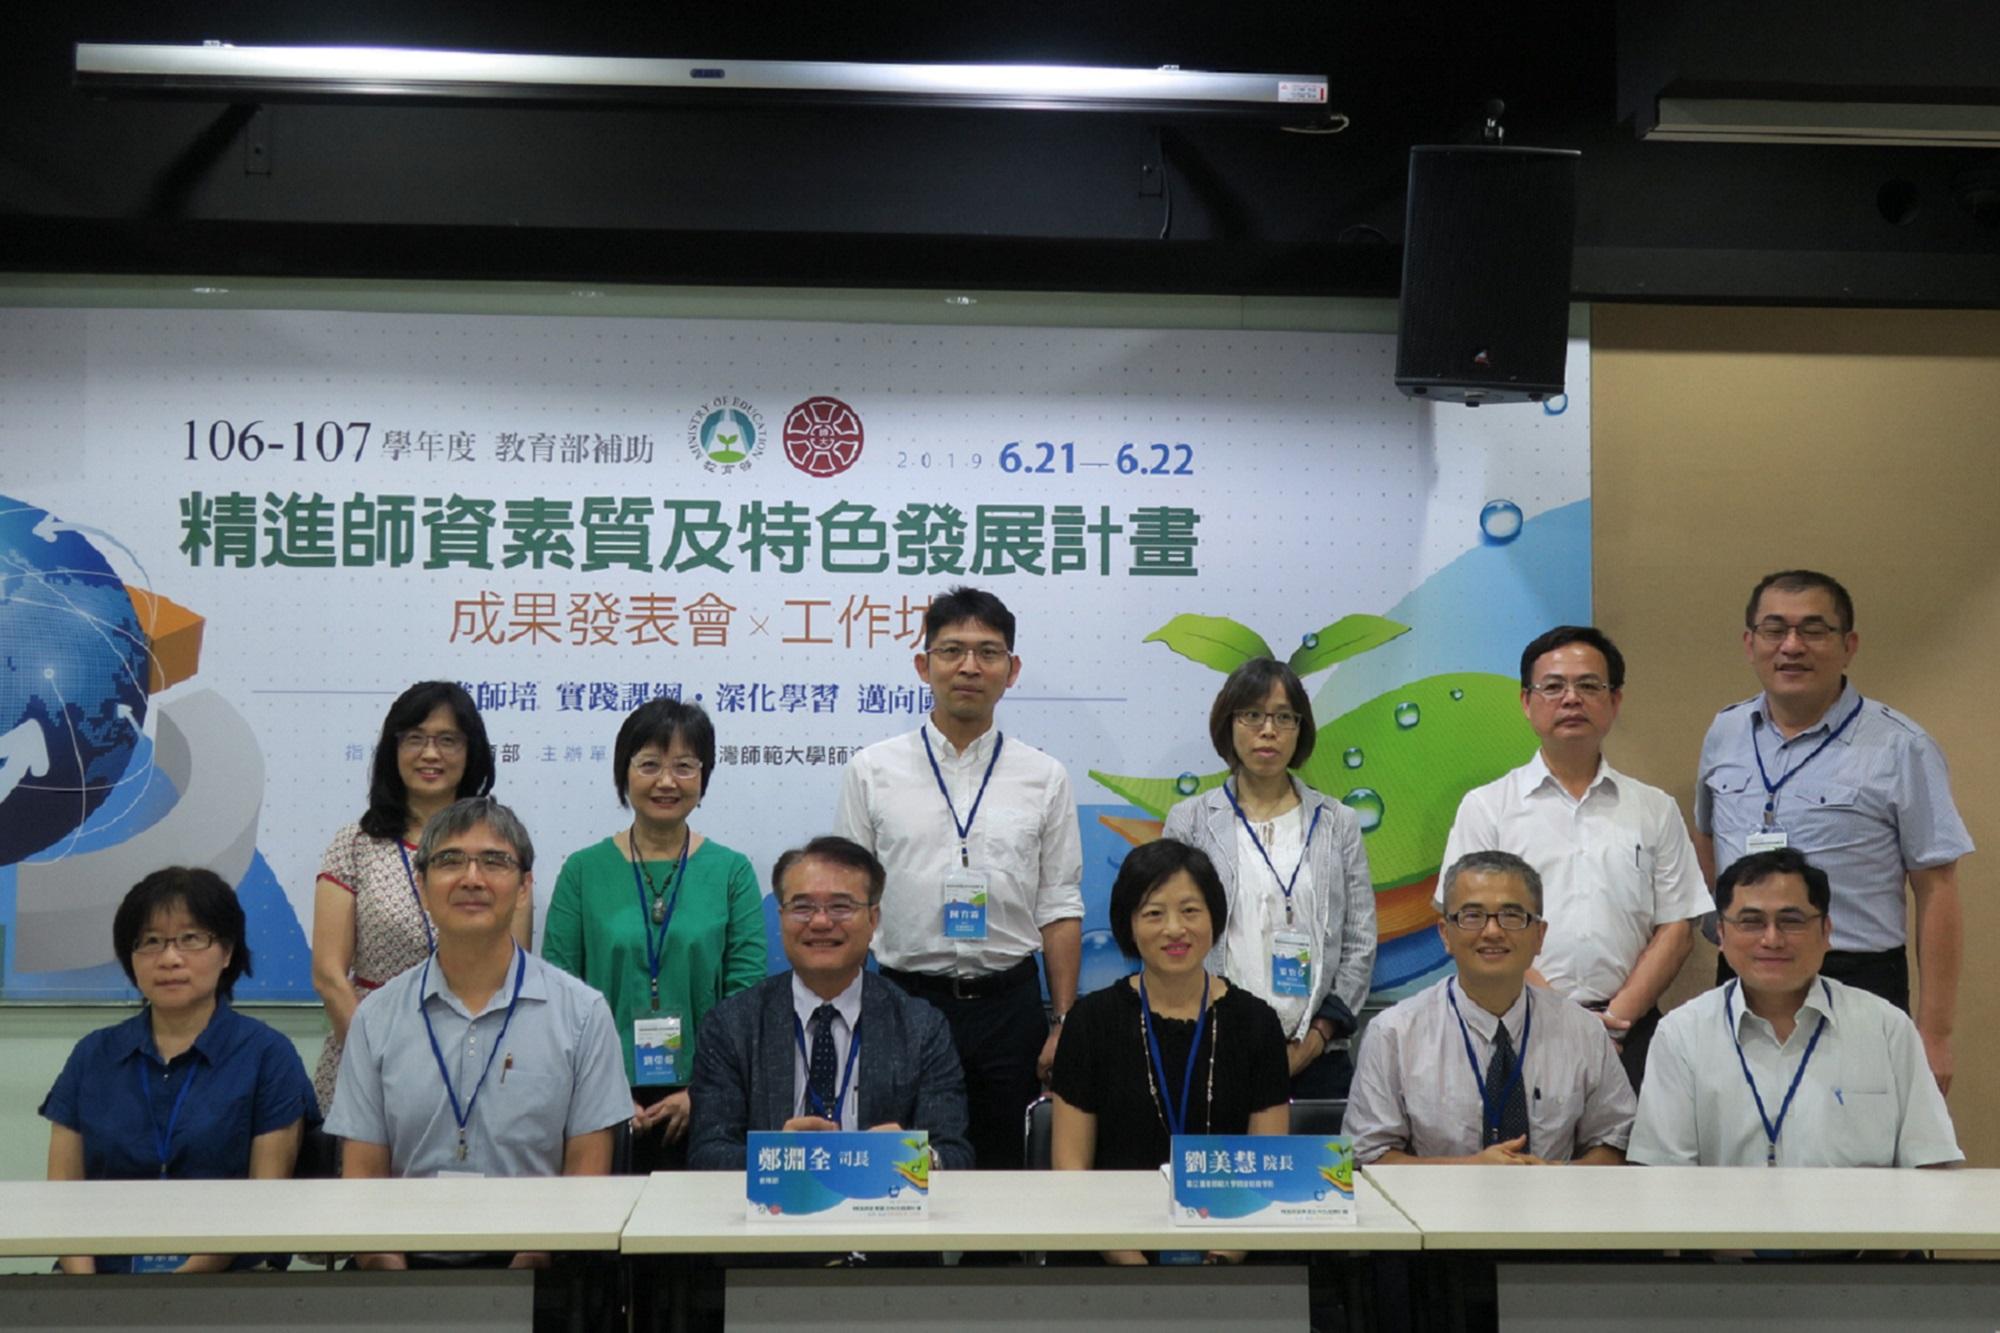 國立臺灣師範大學 秘書室公共事務中心